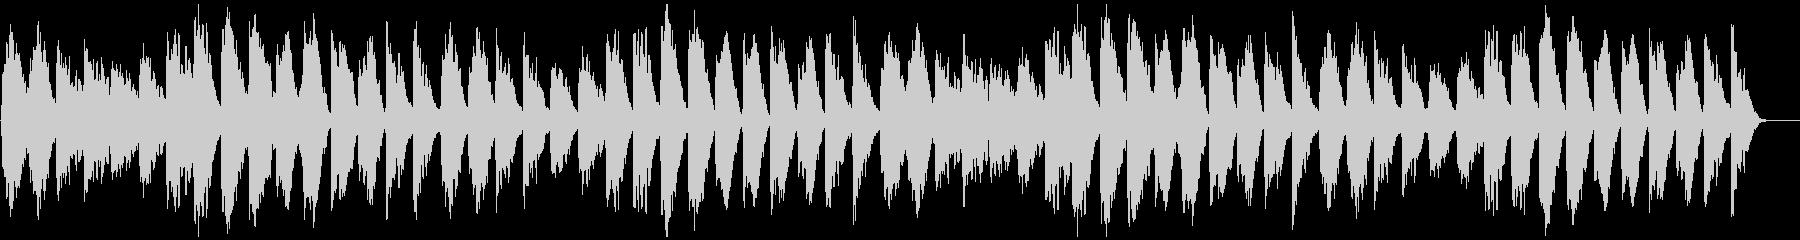 ヨガや瞑想に使える音楽(シンセ)の未再生の波形